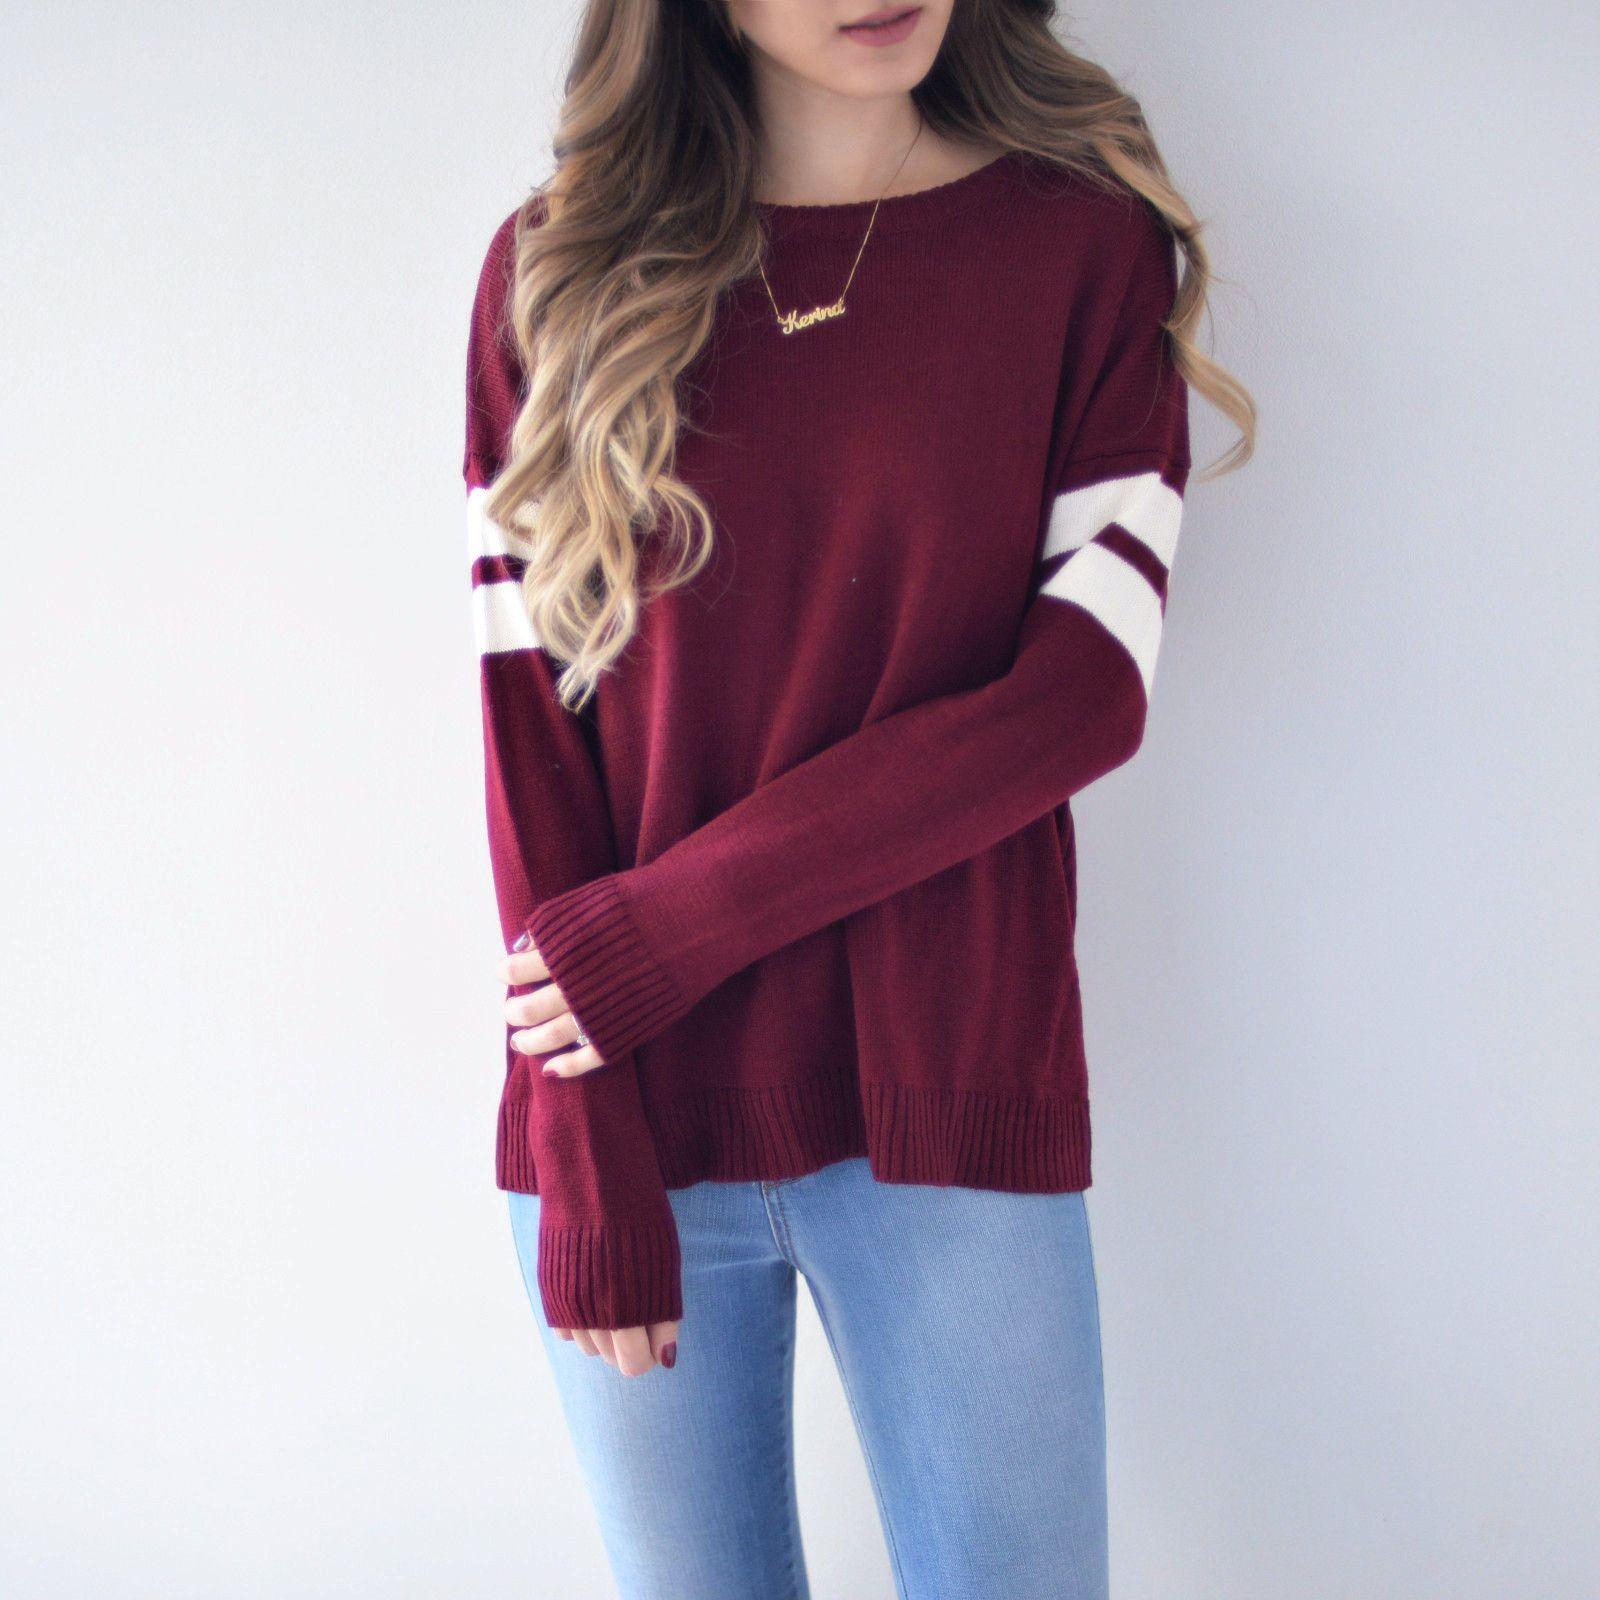 Teen hoodies